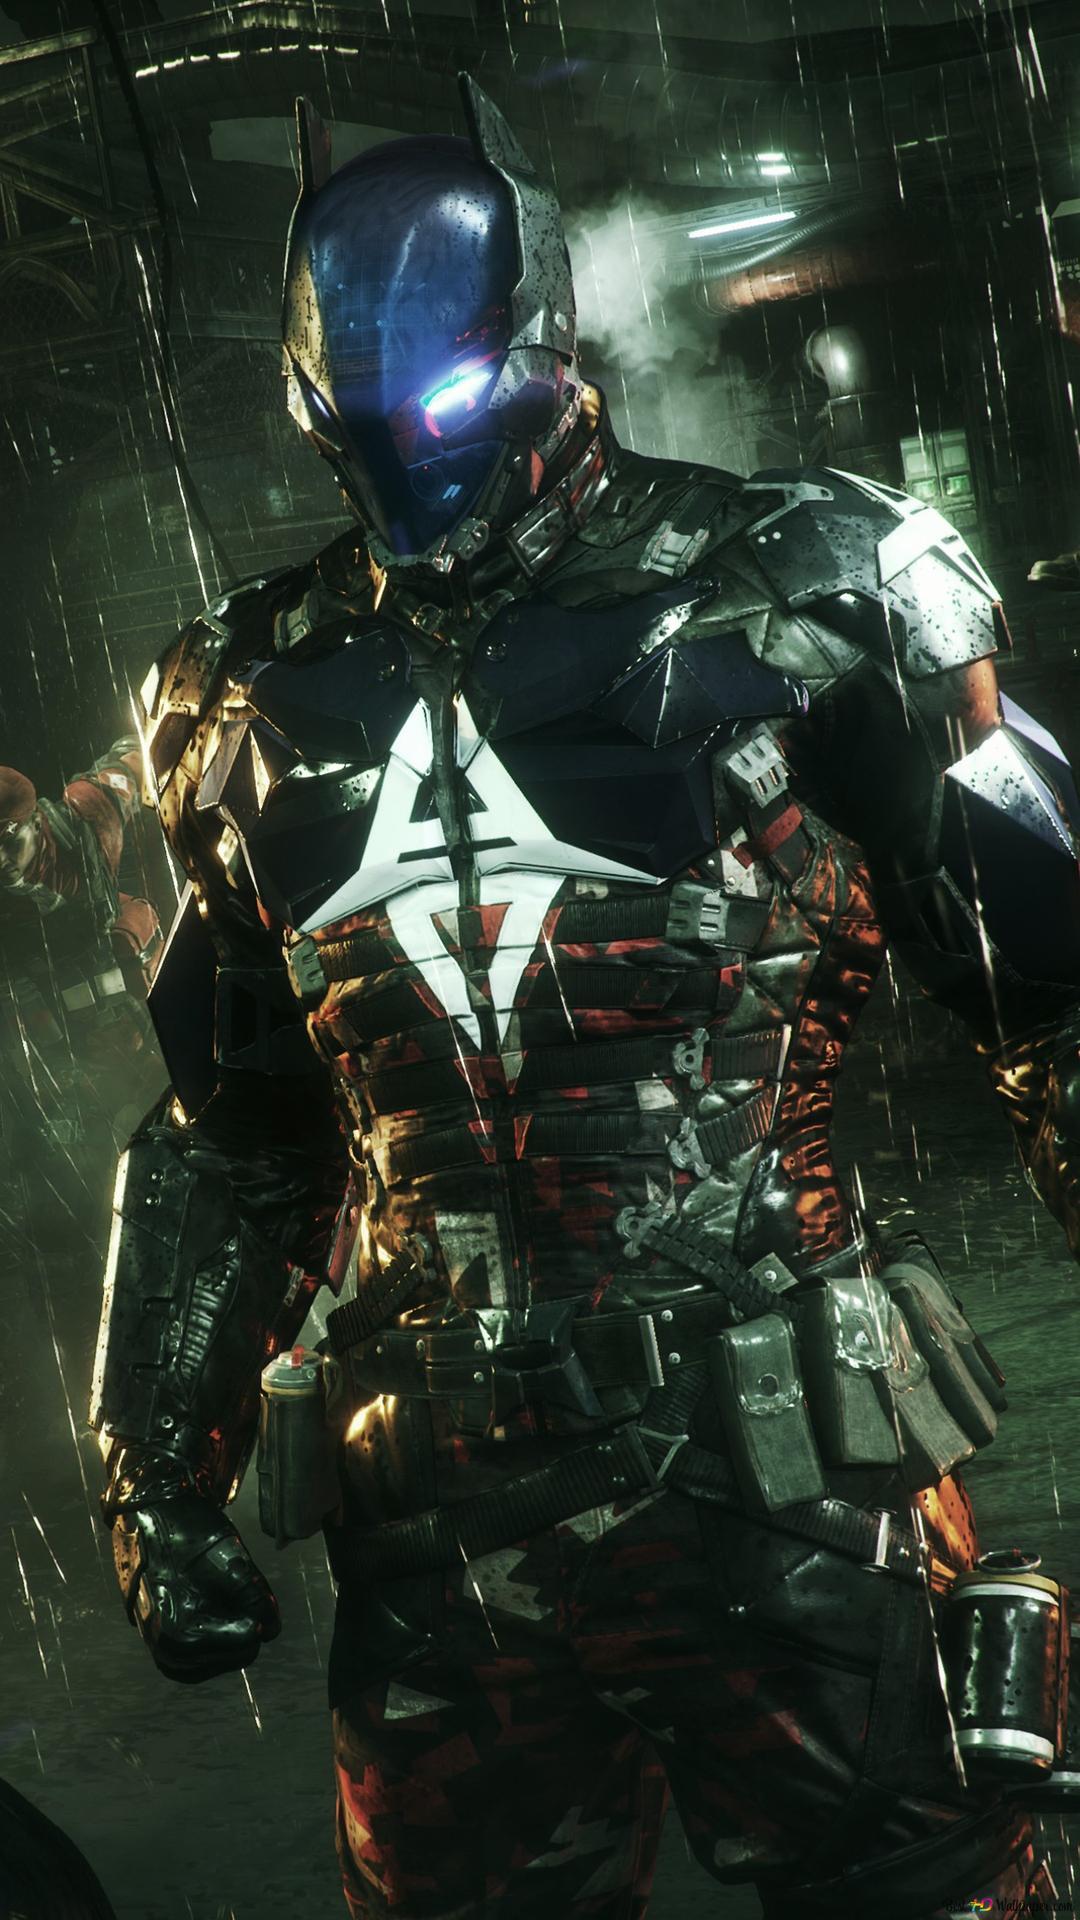 Batman Arkham Knight Hd Wallpaper Download